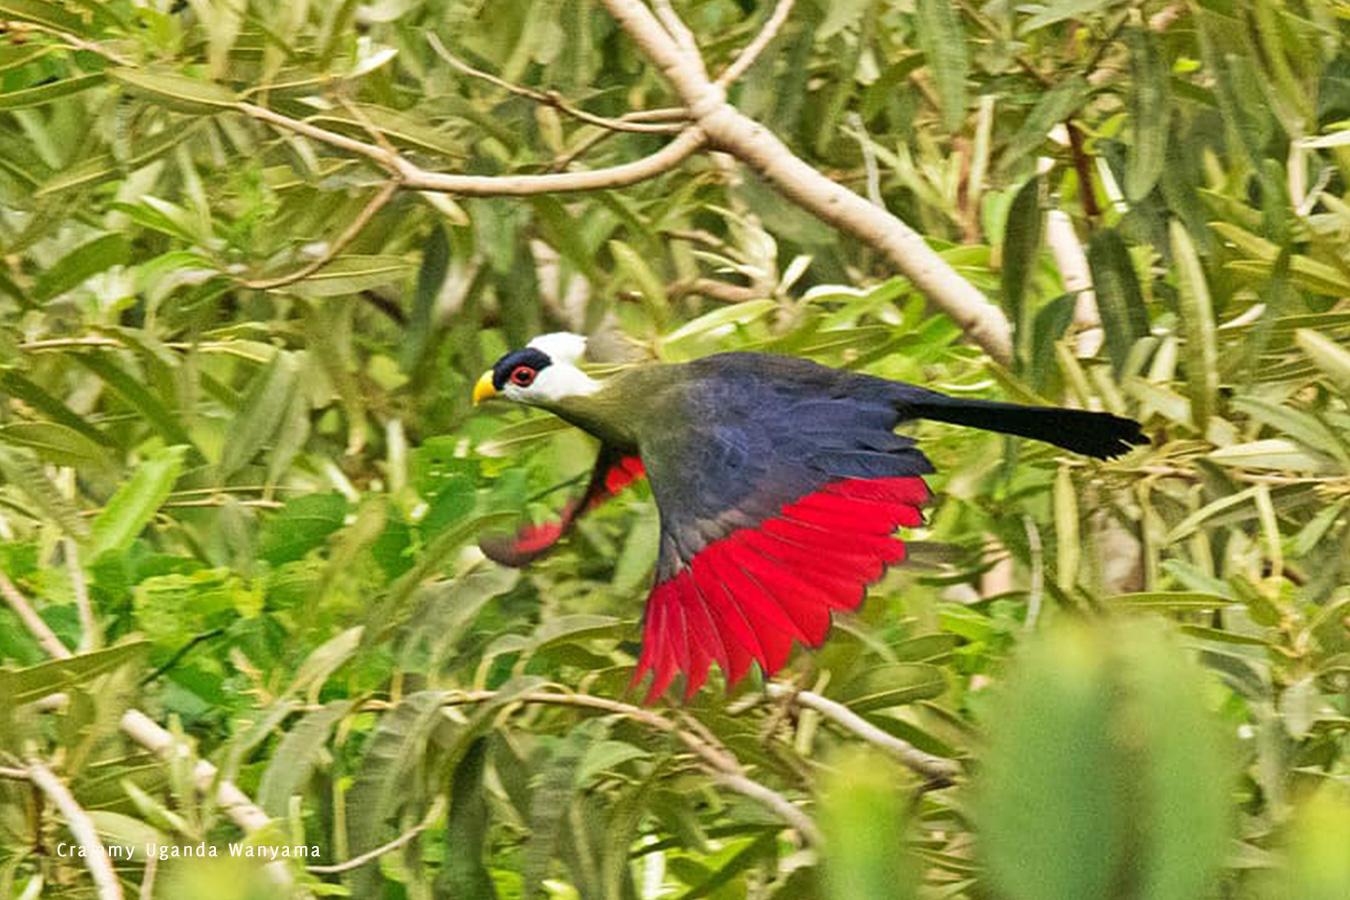 white-crested-turaco-mount-moroto-uganda-crammy-wanyama